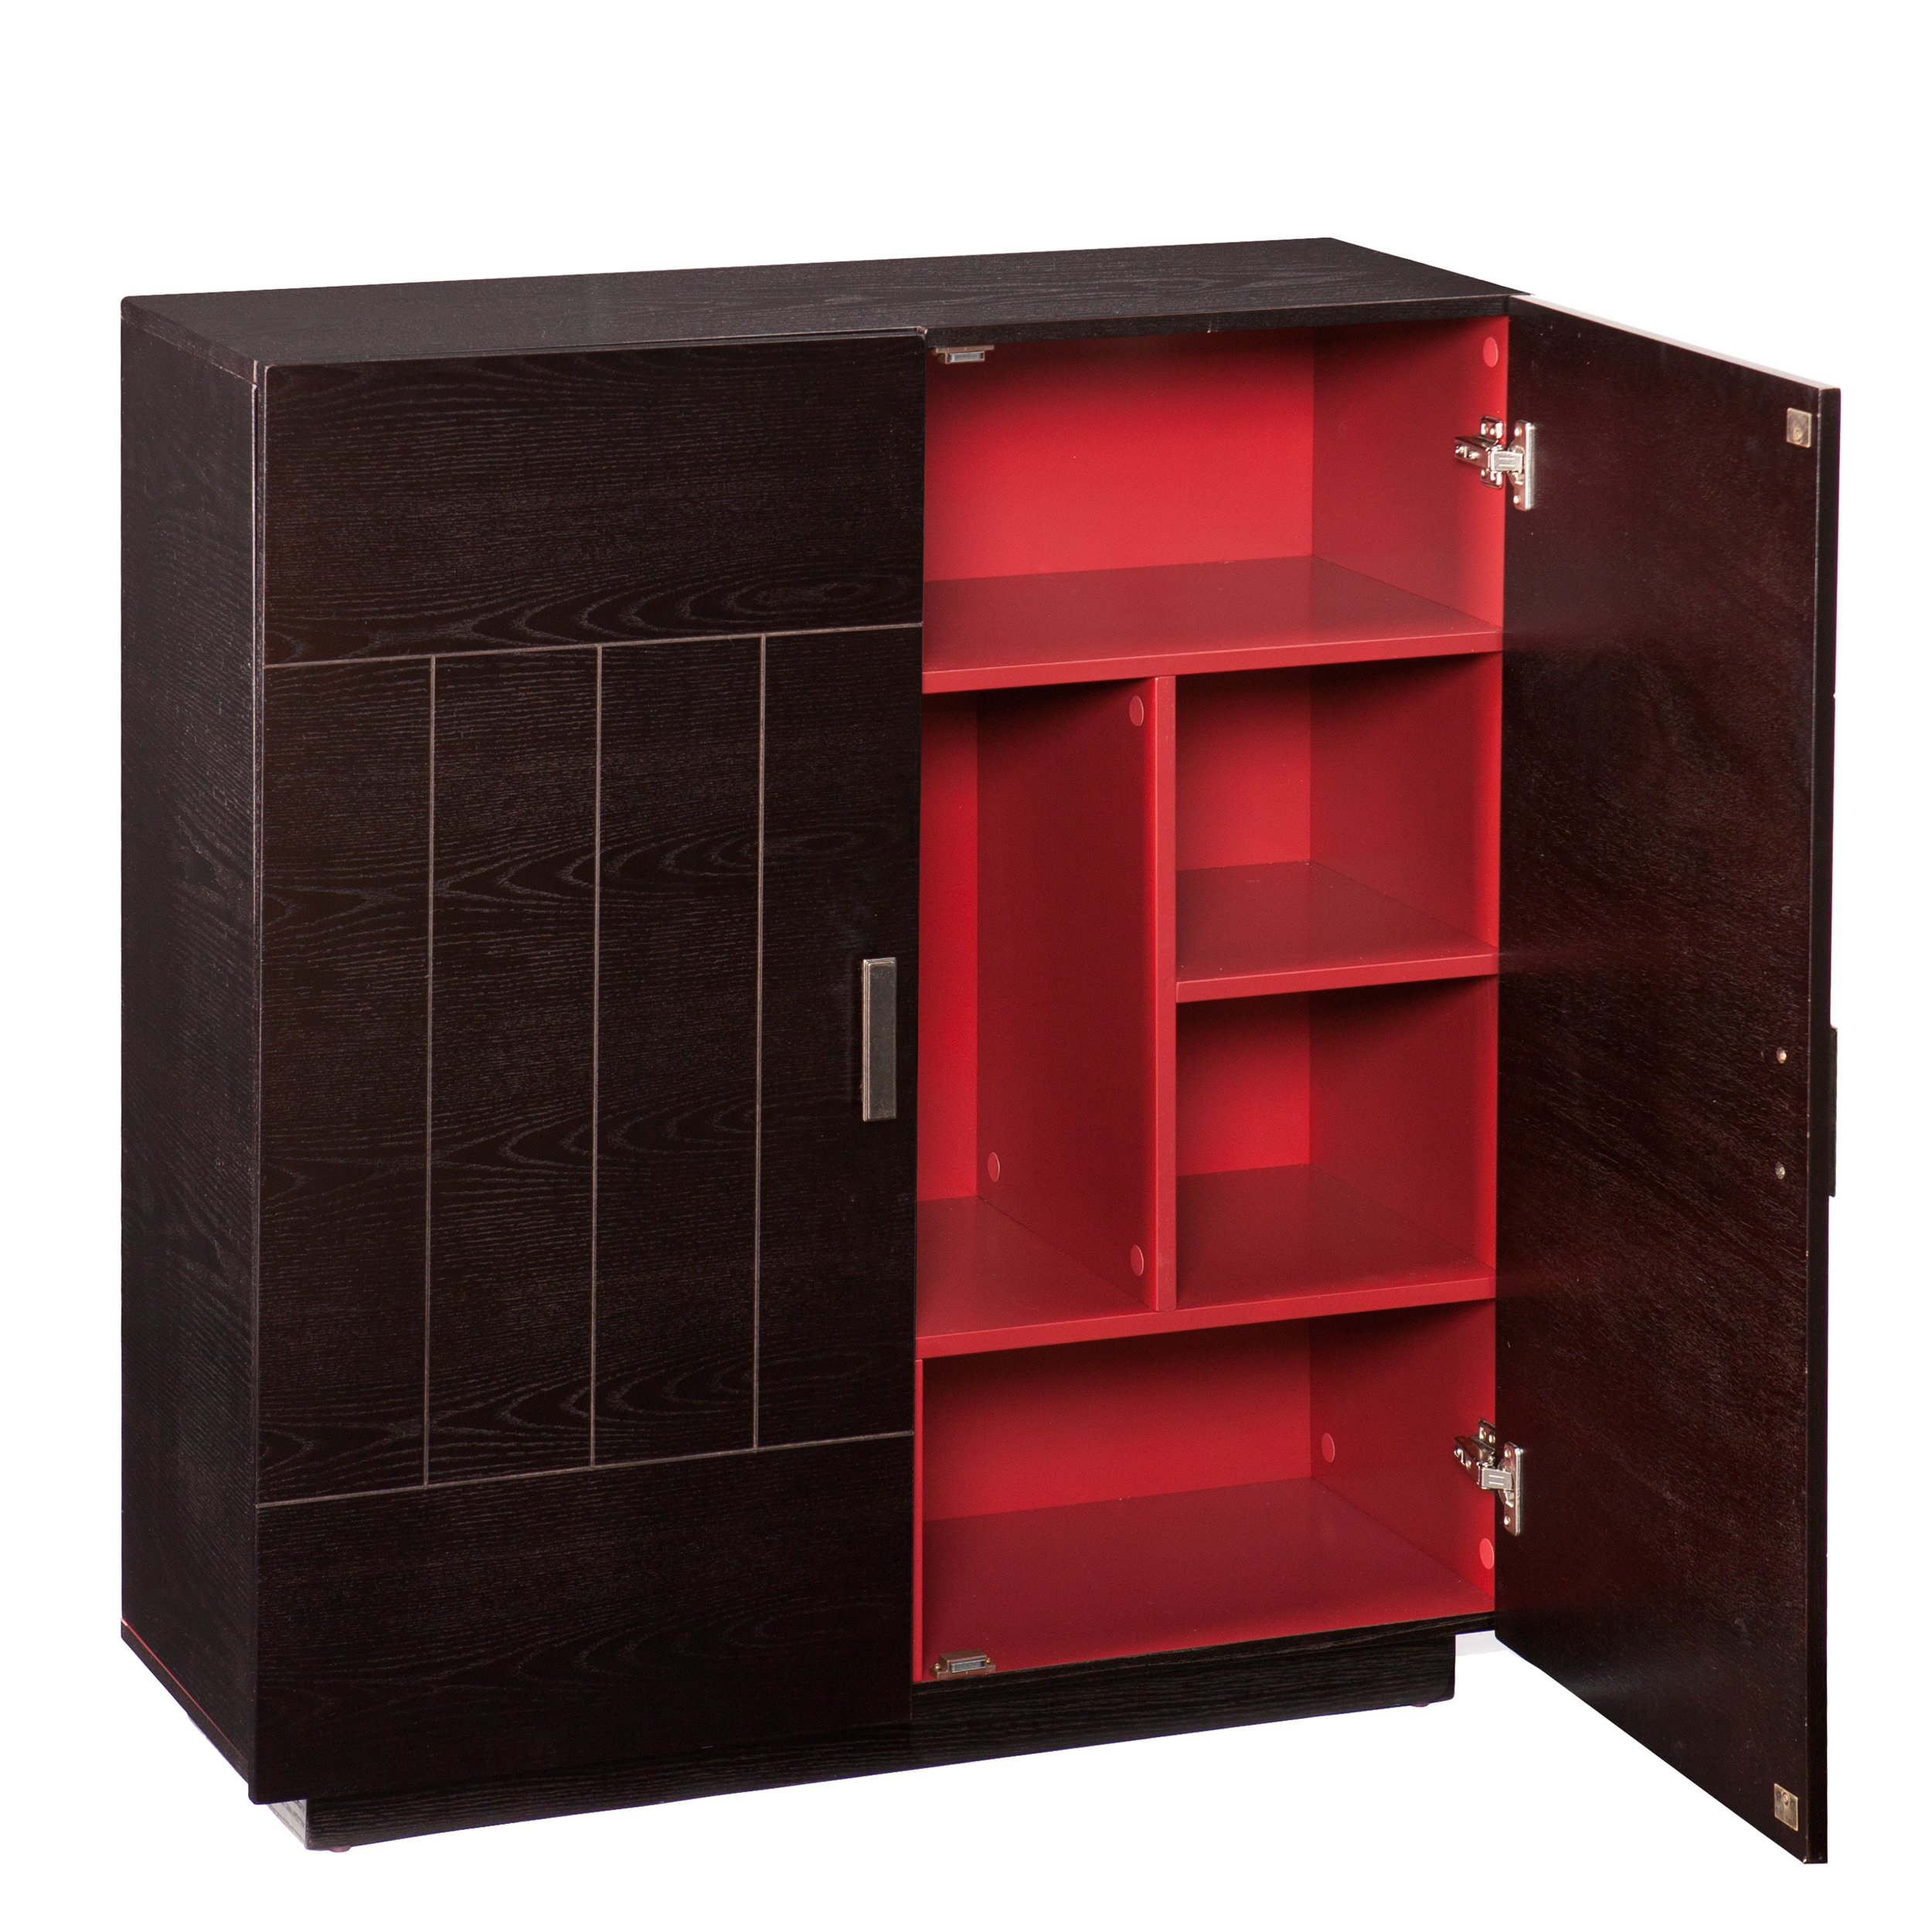 Southern Enterprises AMZ7401ZH Marc Bar Cabinet by Southern Enterprises (Image #6)